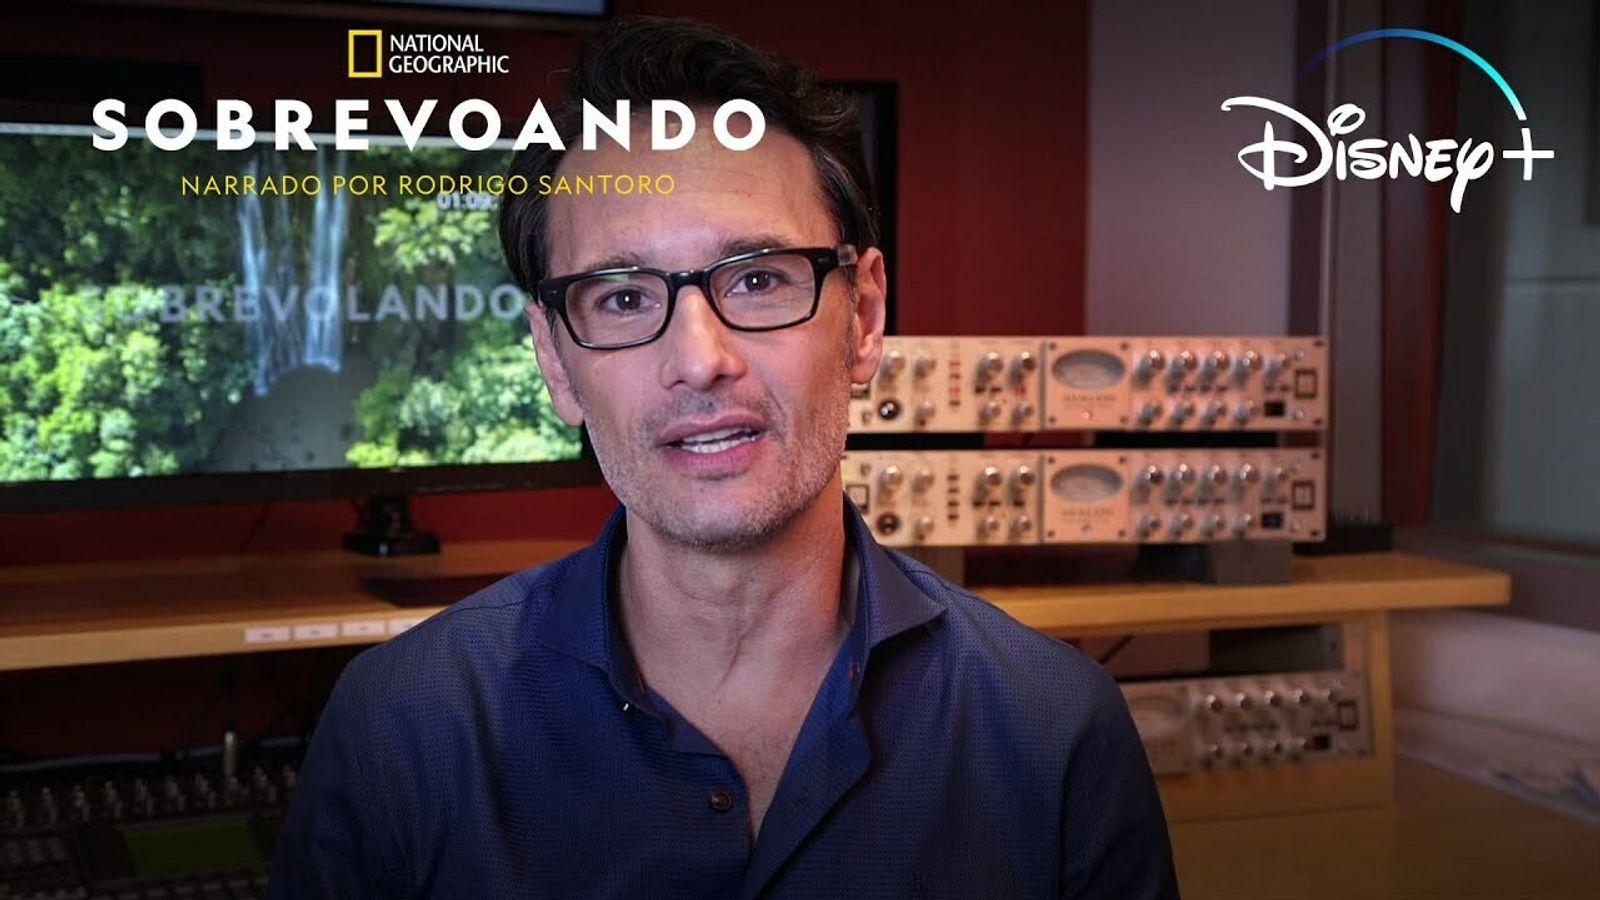 Narrada por Rodrigo Santoro, esta série explora, do alto, a geografia, história e cultura de oito ...